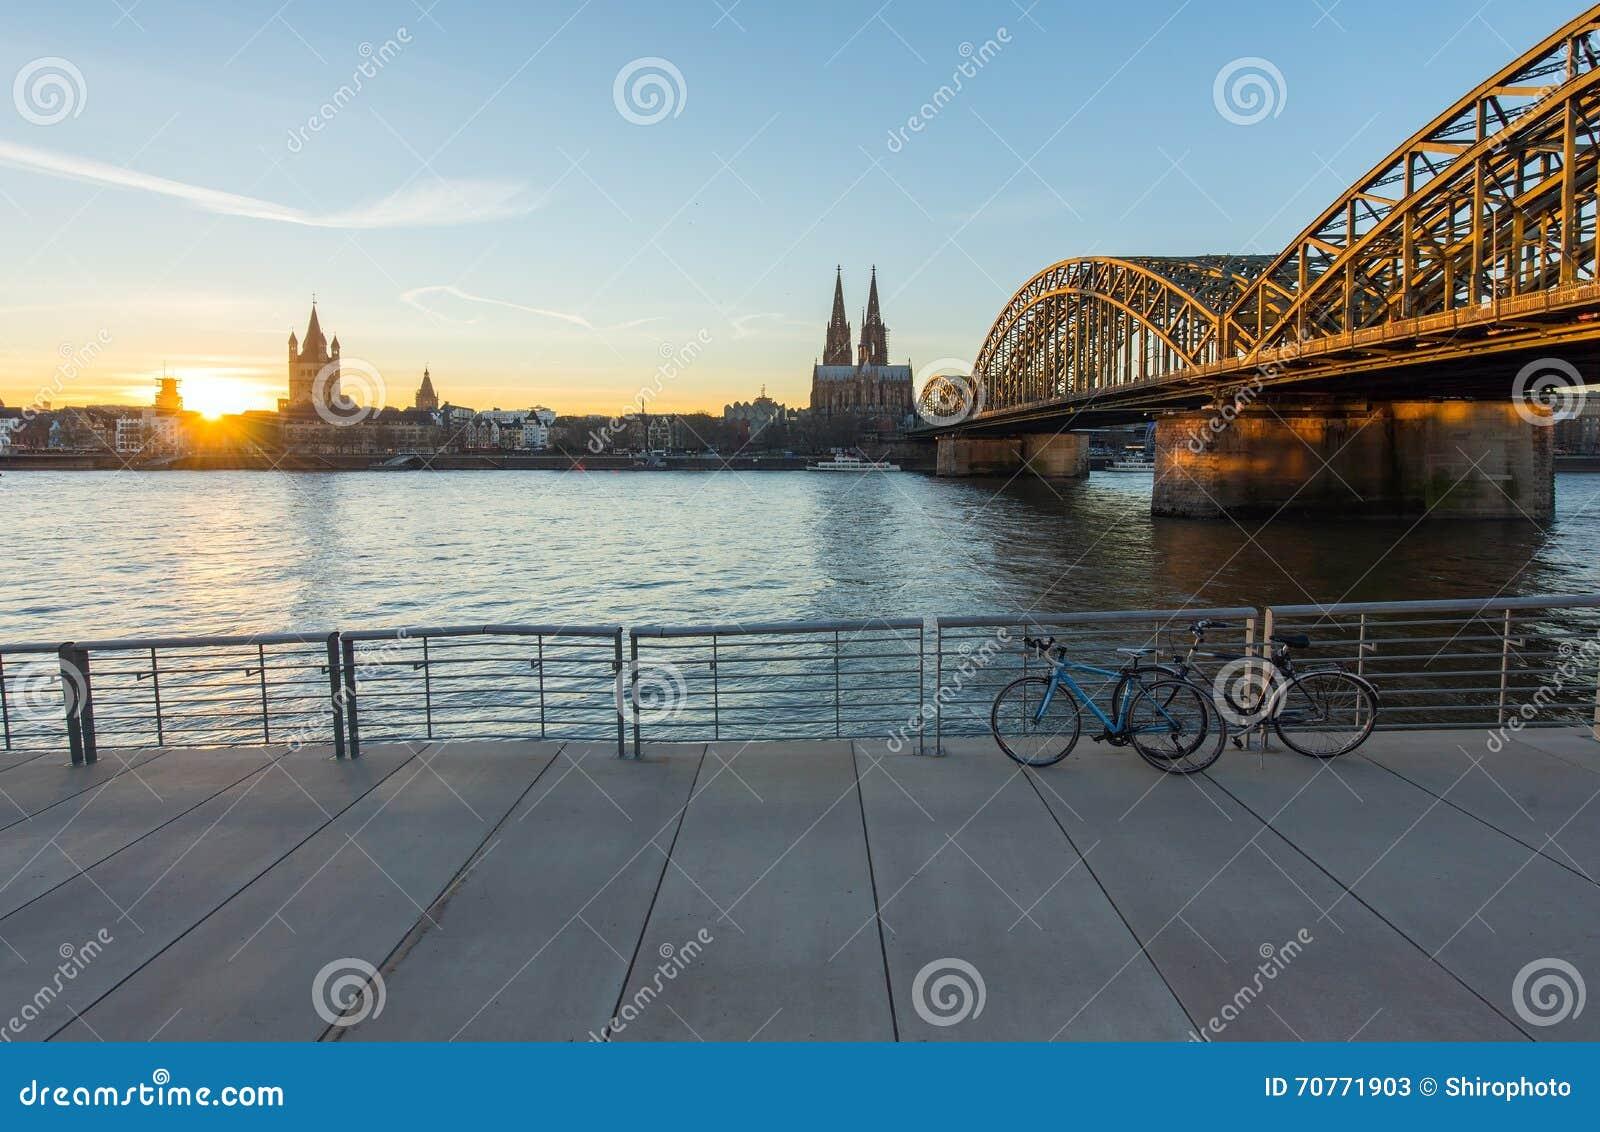 Puente y los Dom de Colonia